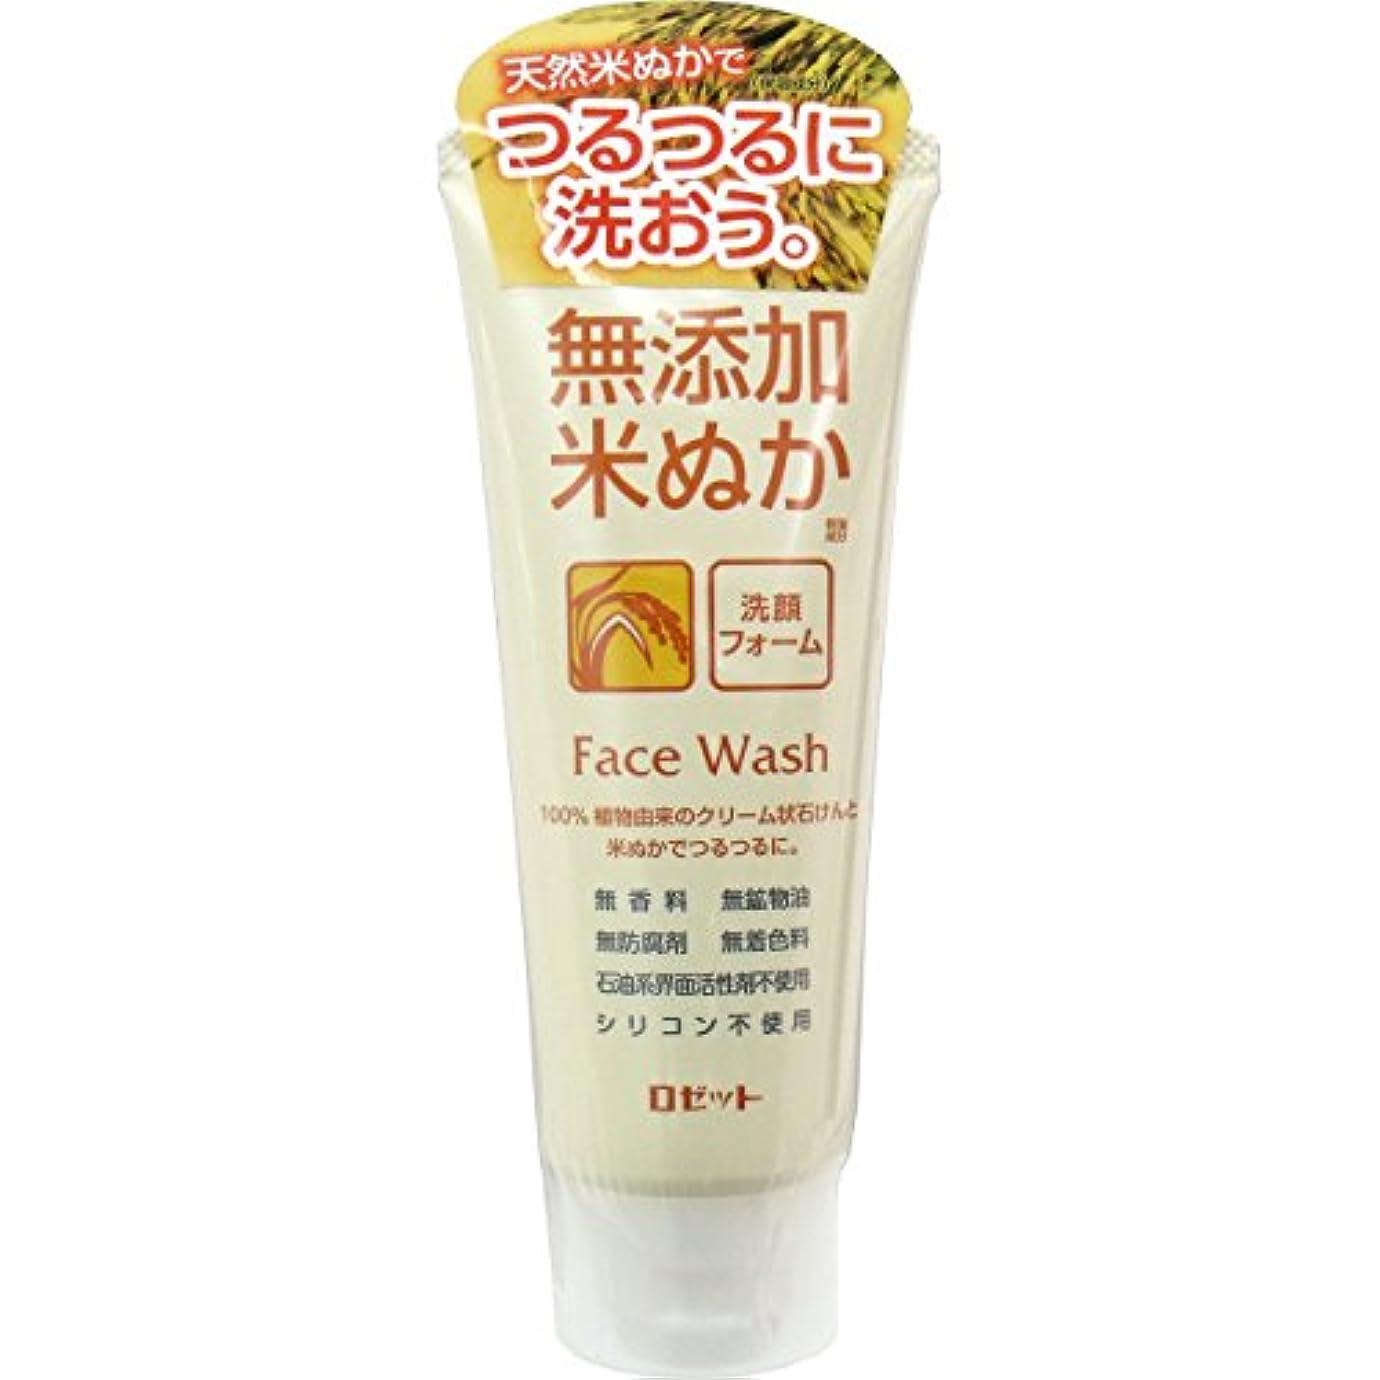 裸共和国尽きる【ロゼット】無添加米ぬか洗顔フォーム 140g ×20個セット